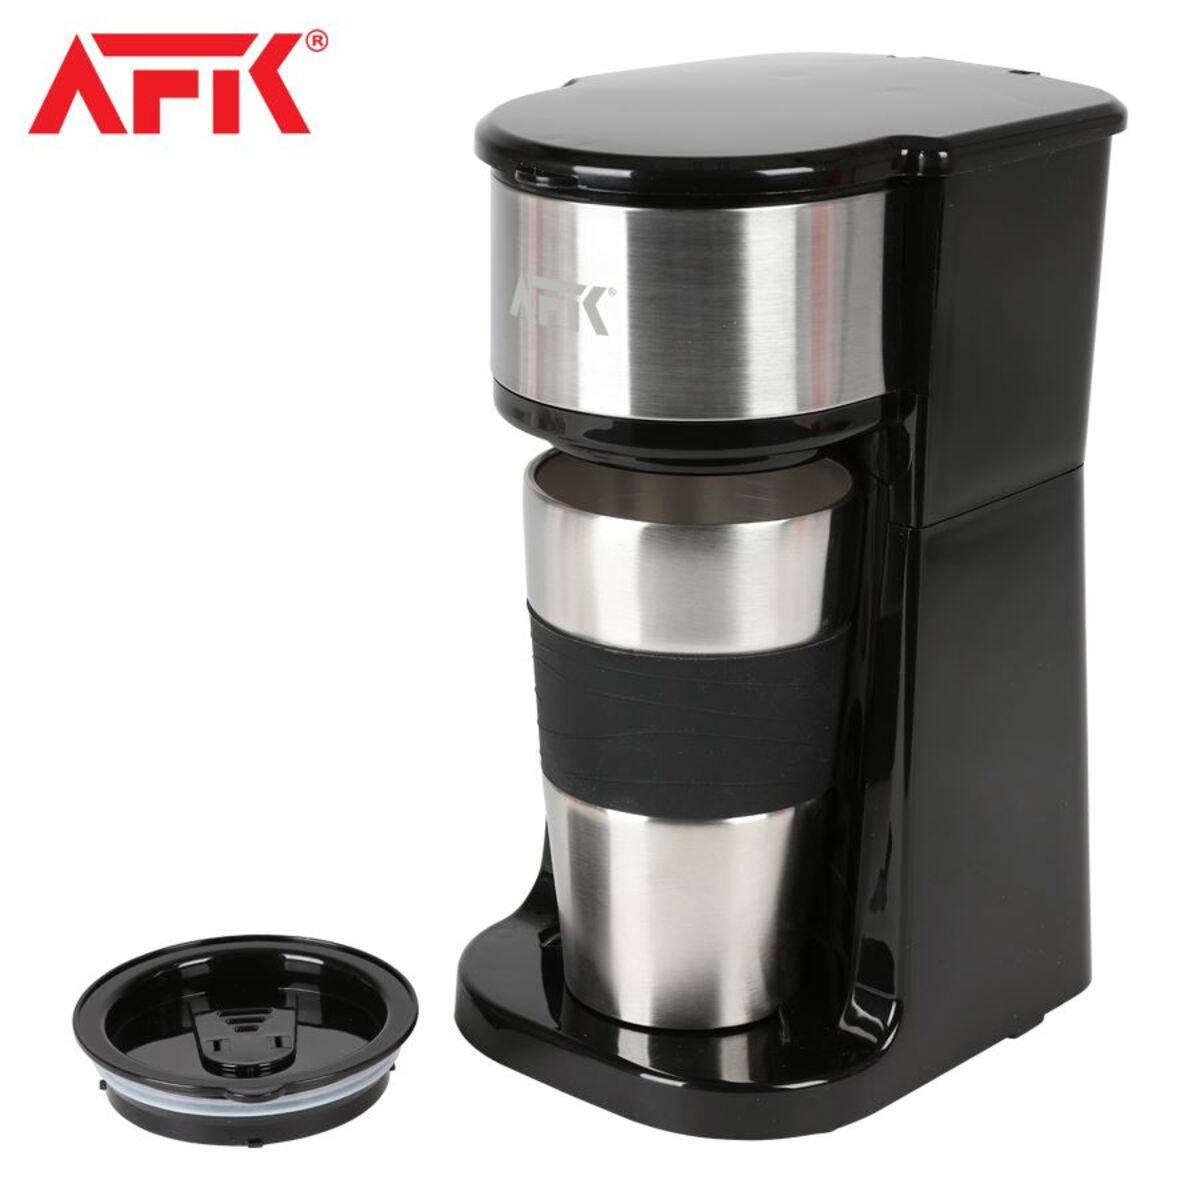 Bild 1 von AFK Kaffeemaschine TKME-700.4 mit Reisebecher Schwarz